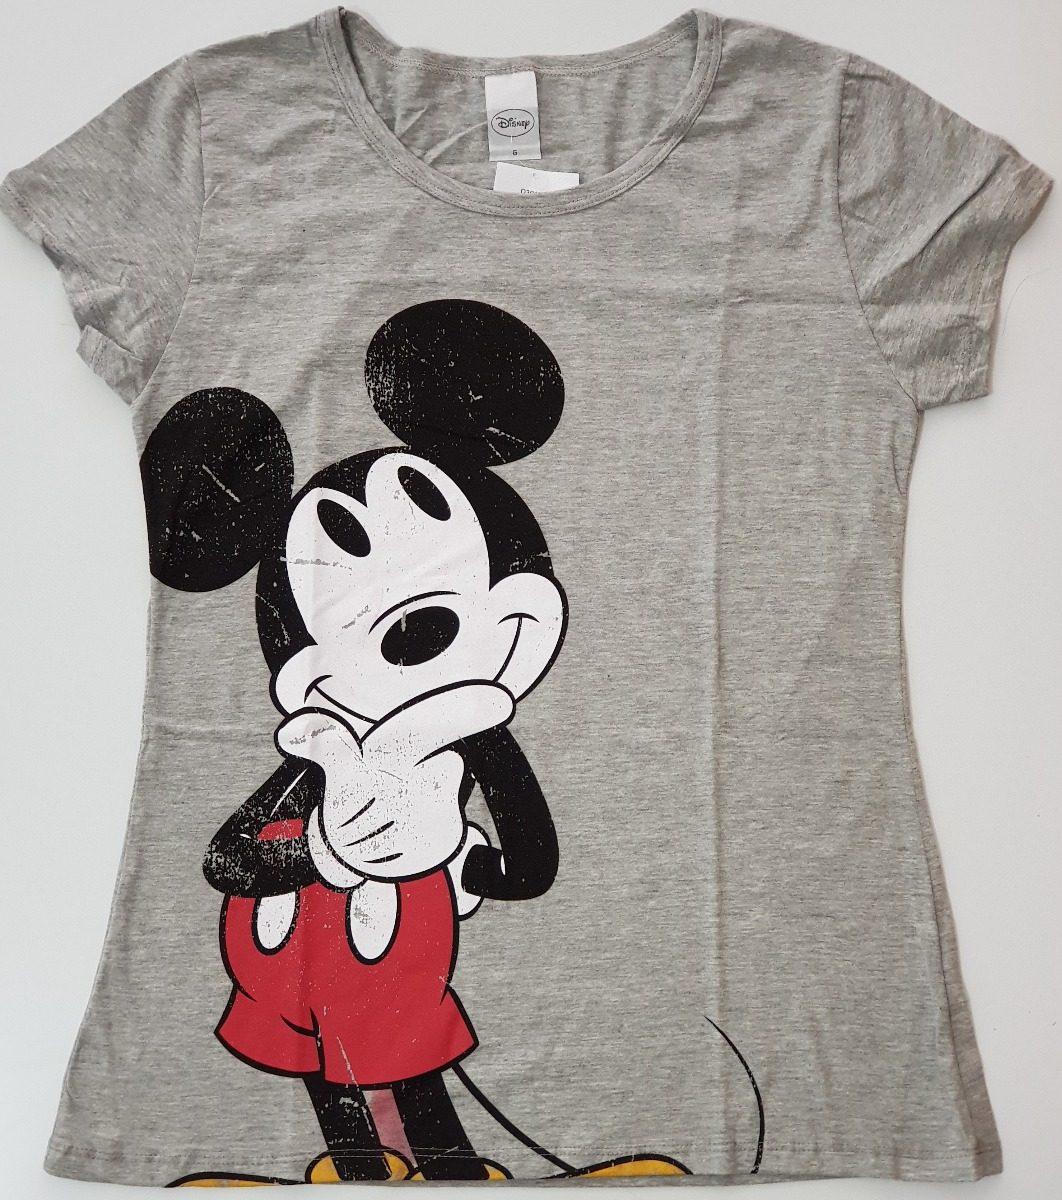 7a10d0972 Camiseta Blusa Feminina Roupas Disney Mickey Cativa - R  49